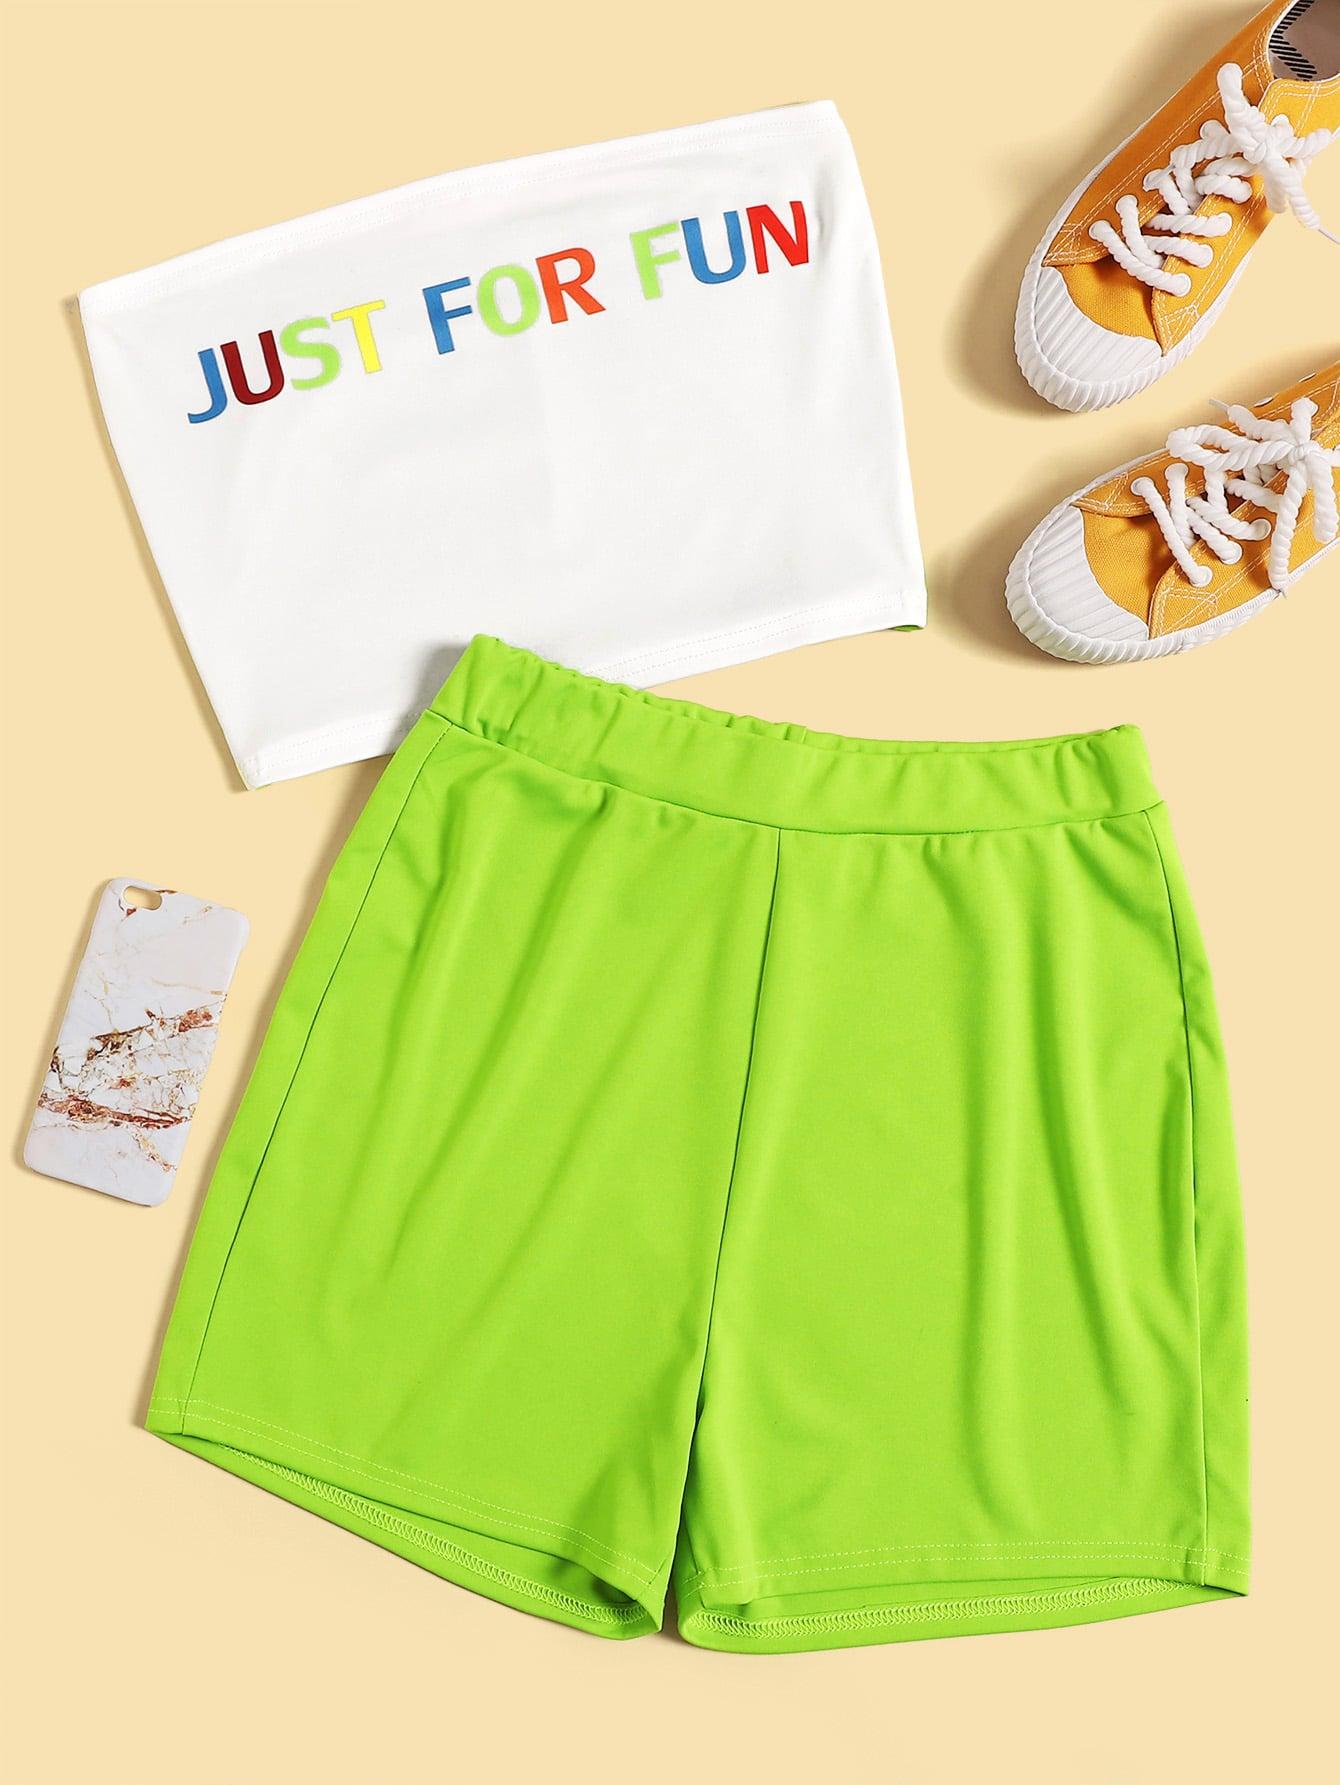 Фото - Топ с текстовым принтом и неоновые зеленые шорты от SheIn цвет многоцветный